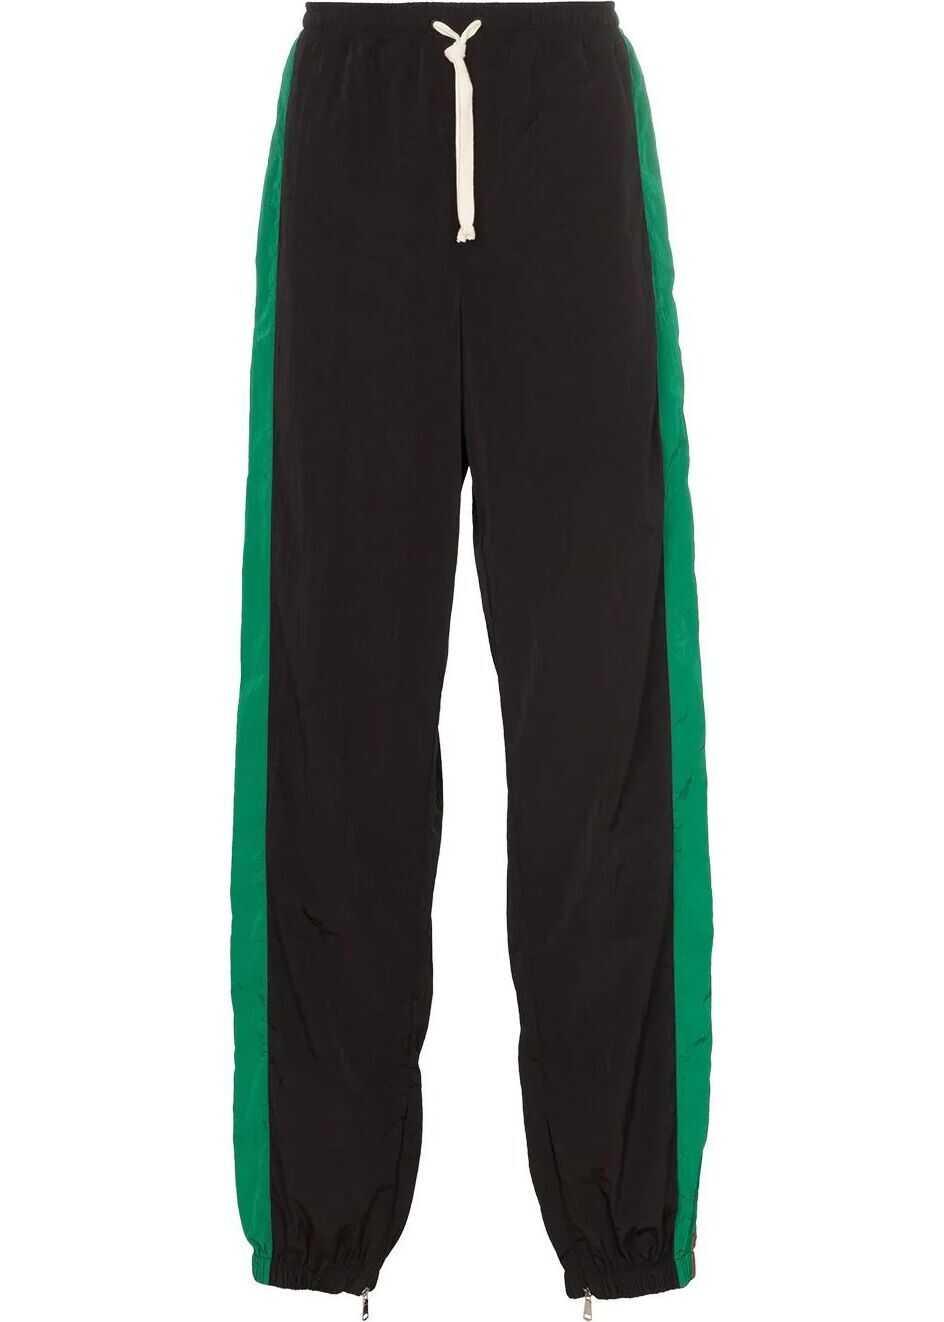 Gucci Polyamide Pants BLACK